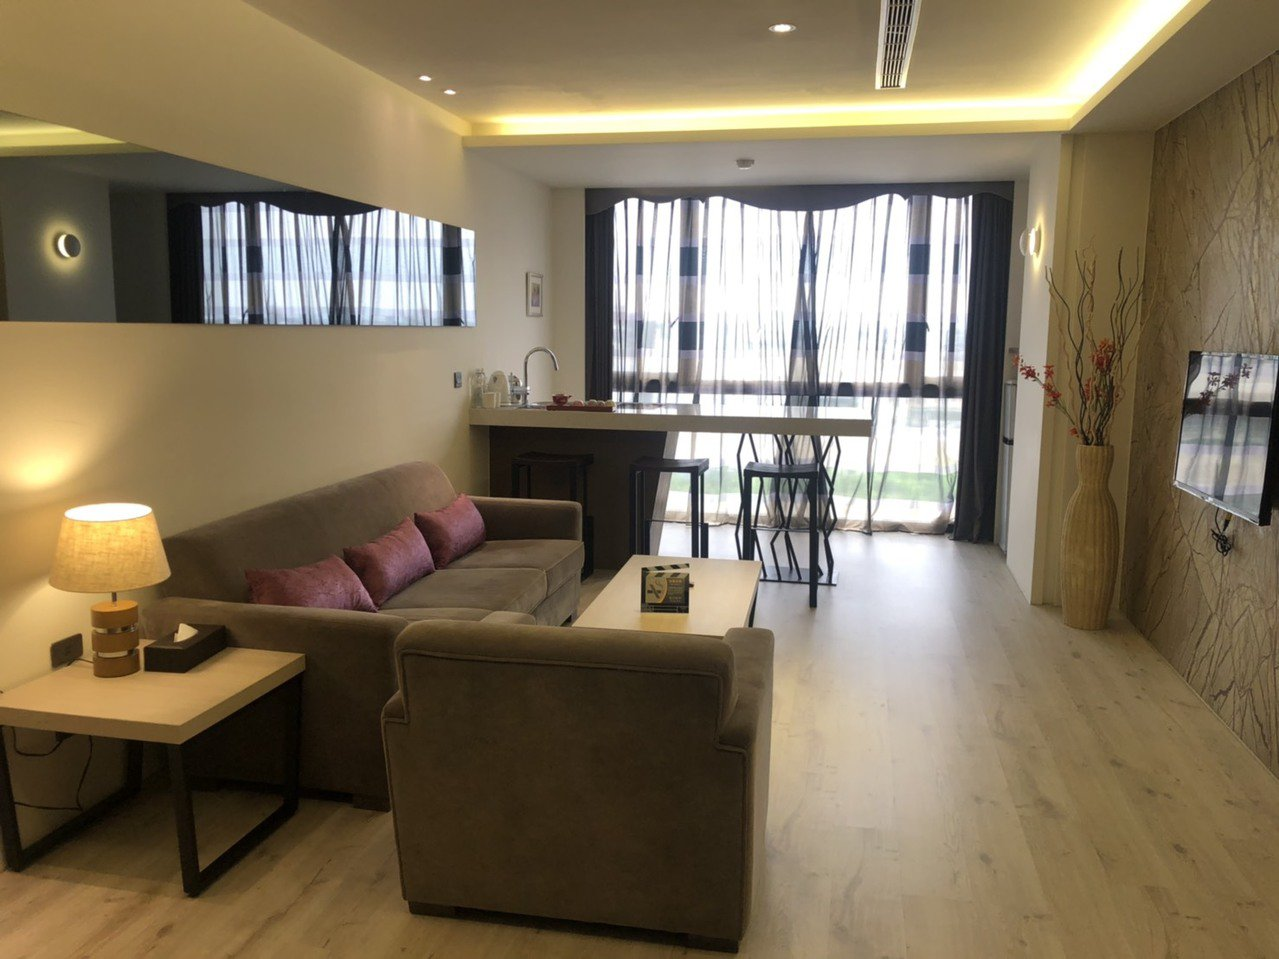 樂億皇家酒店房間寬敞明亮,商務客來住宿,不僅可辦公也能徹底放鬆。記者李承穎/攝影